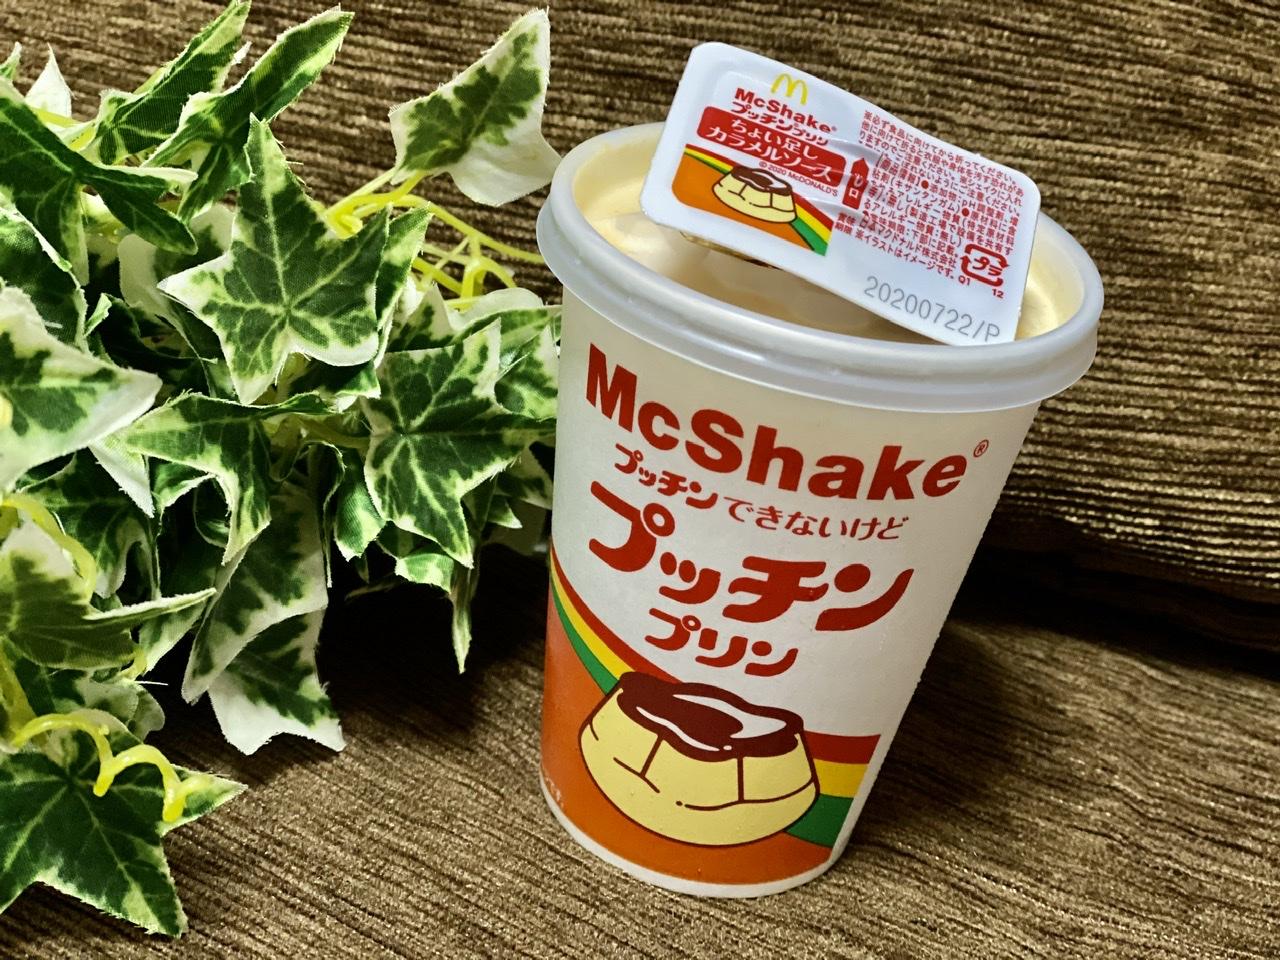 【マックシェイク】プッチンできる!ちょい足しソース付《プッチンプリン》を実食♡_1